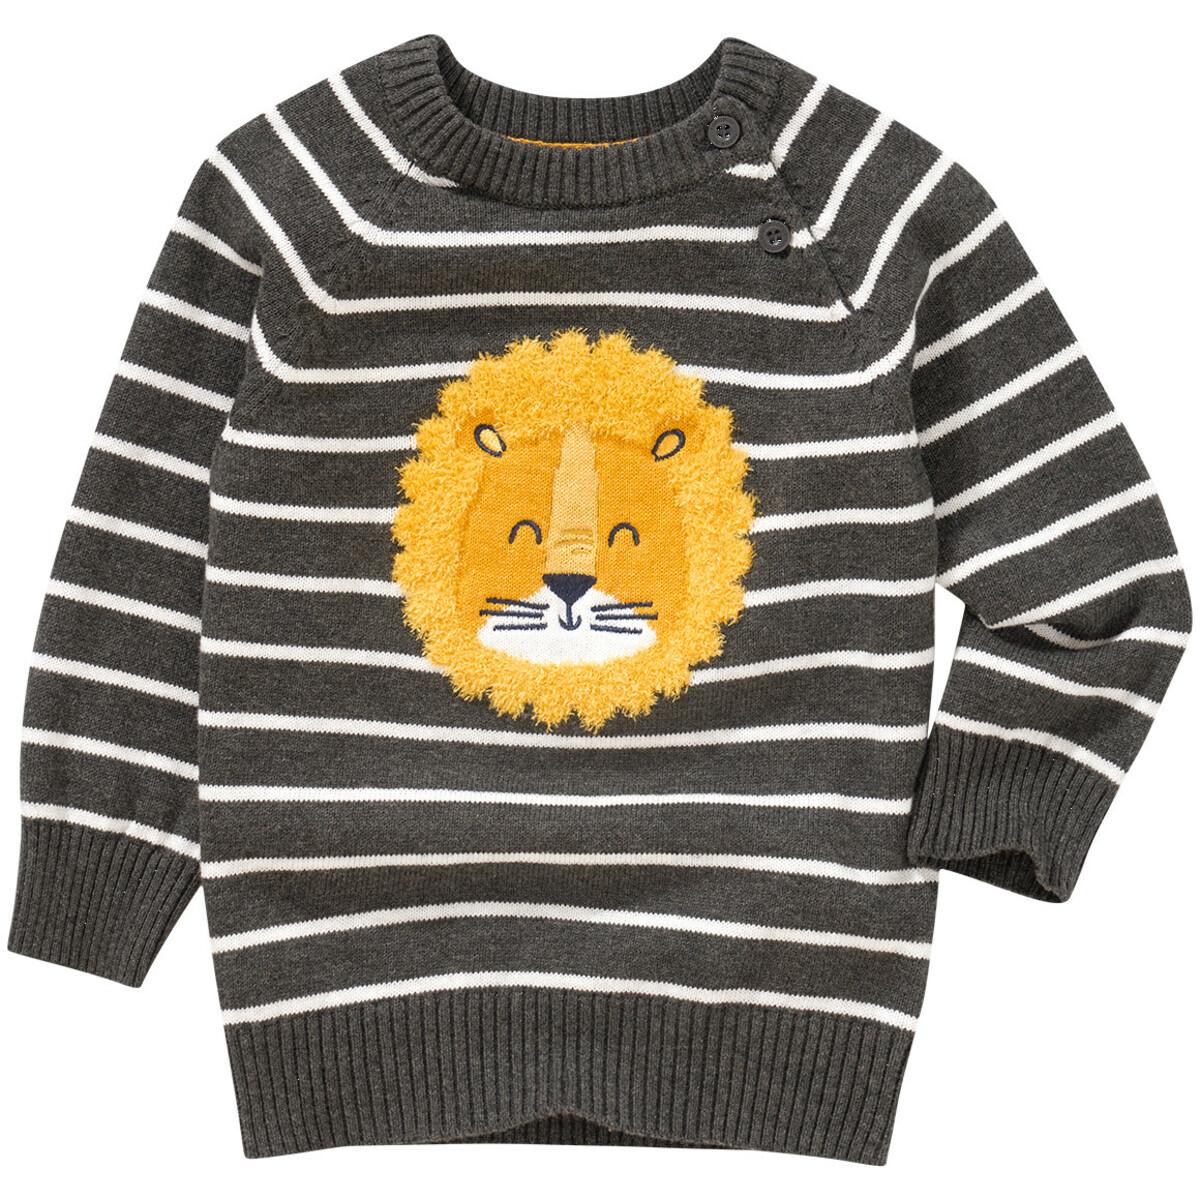 Bild 1 von Baby Strickpullover mit Löwen-Applikation